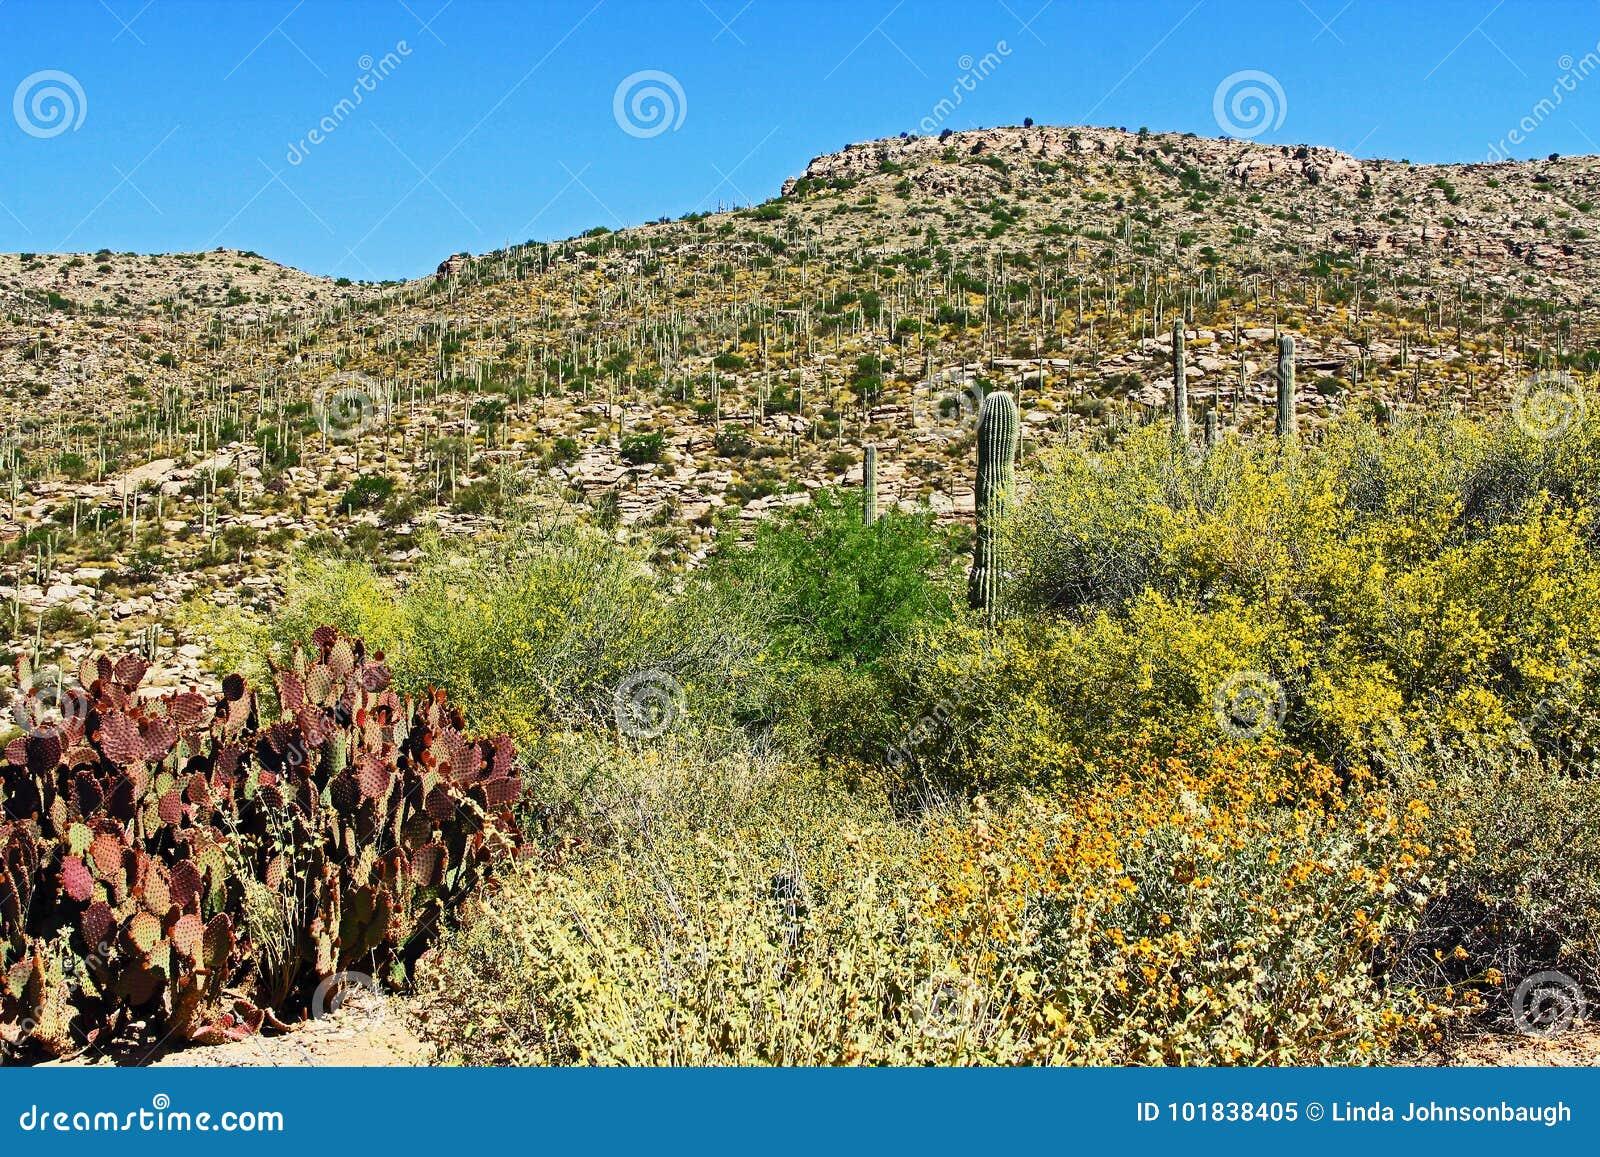 Βουνό Saguaro στο υποστήριγμα Lemmon στο Tucson Αριζόνα